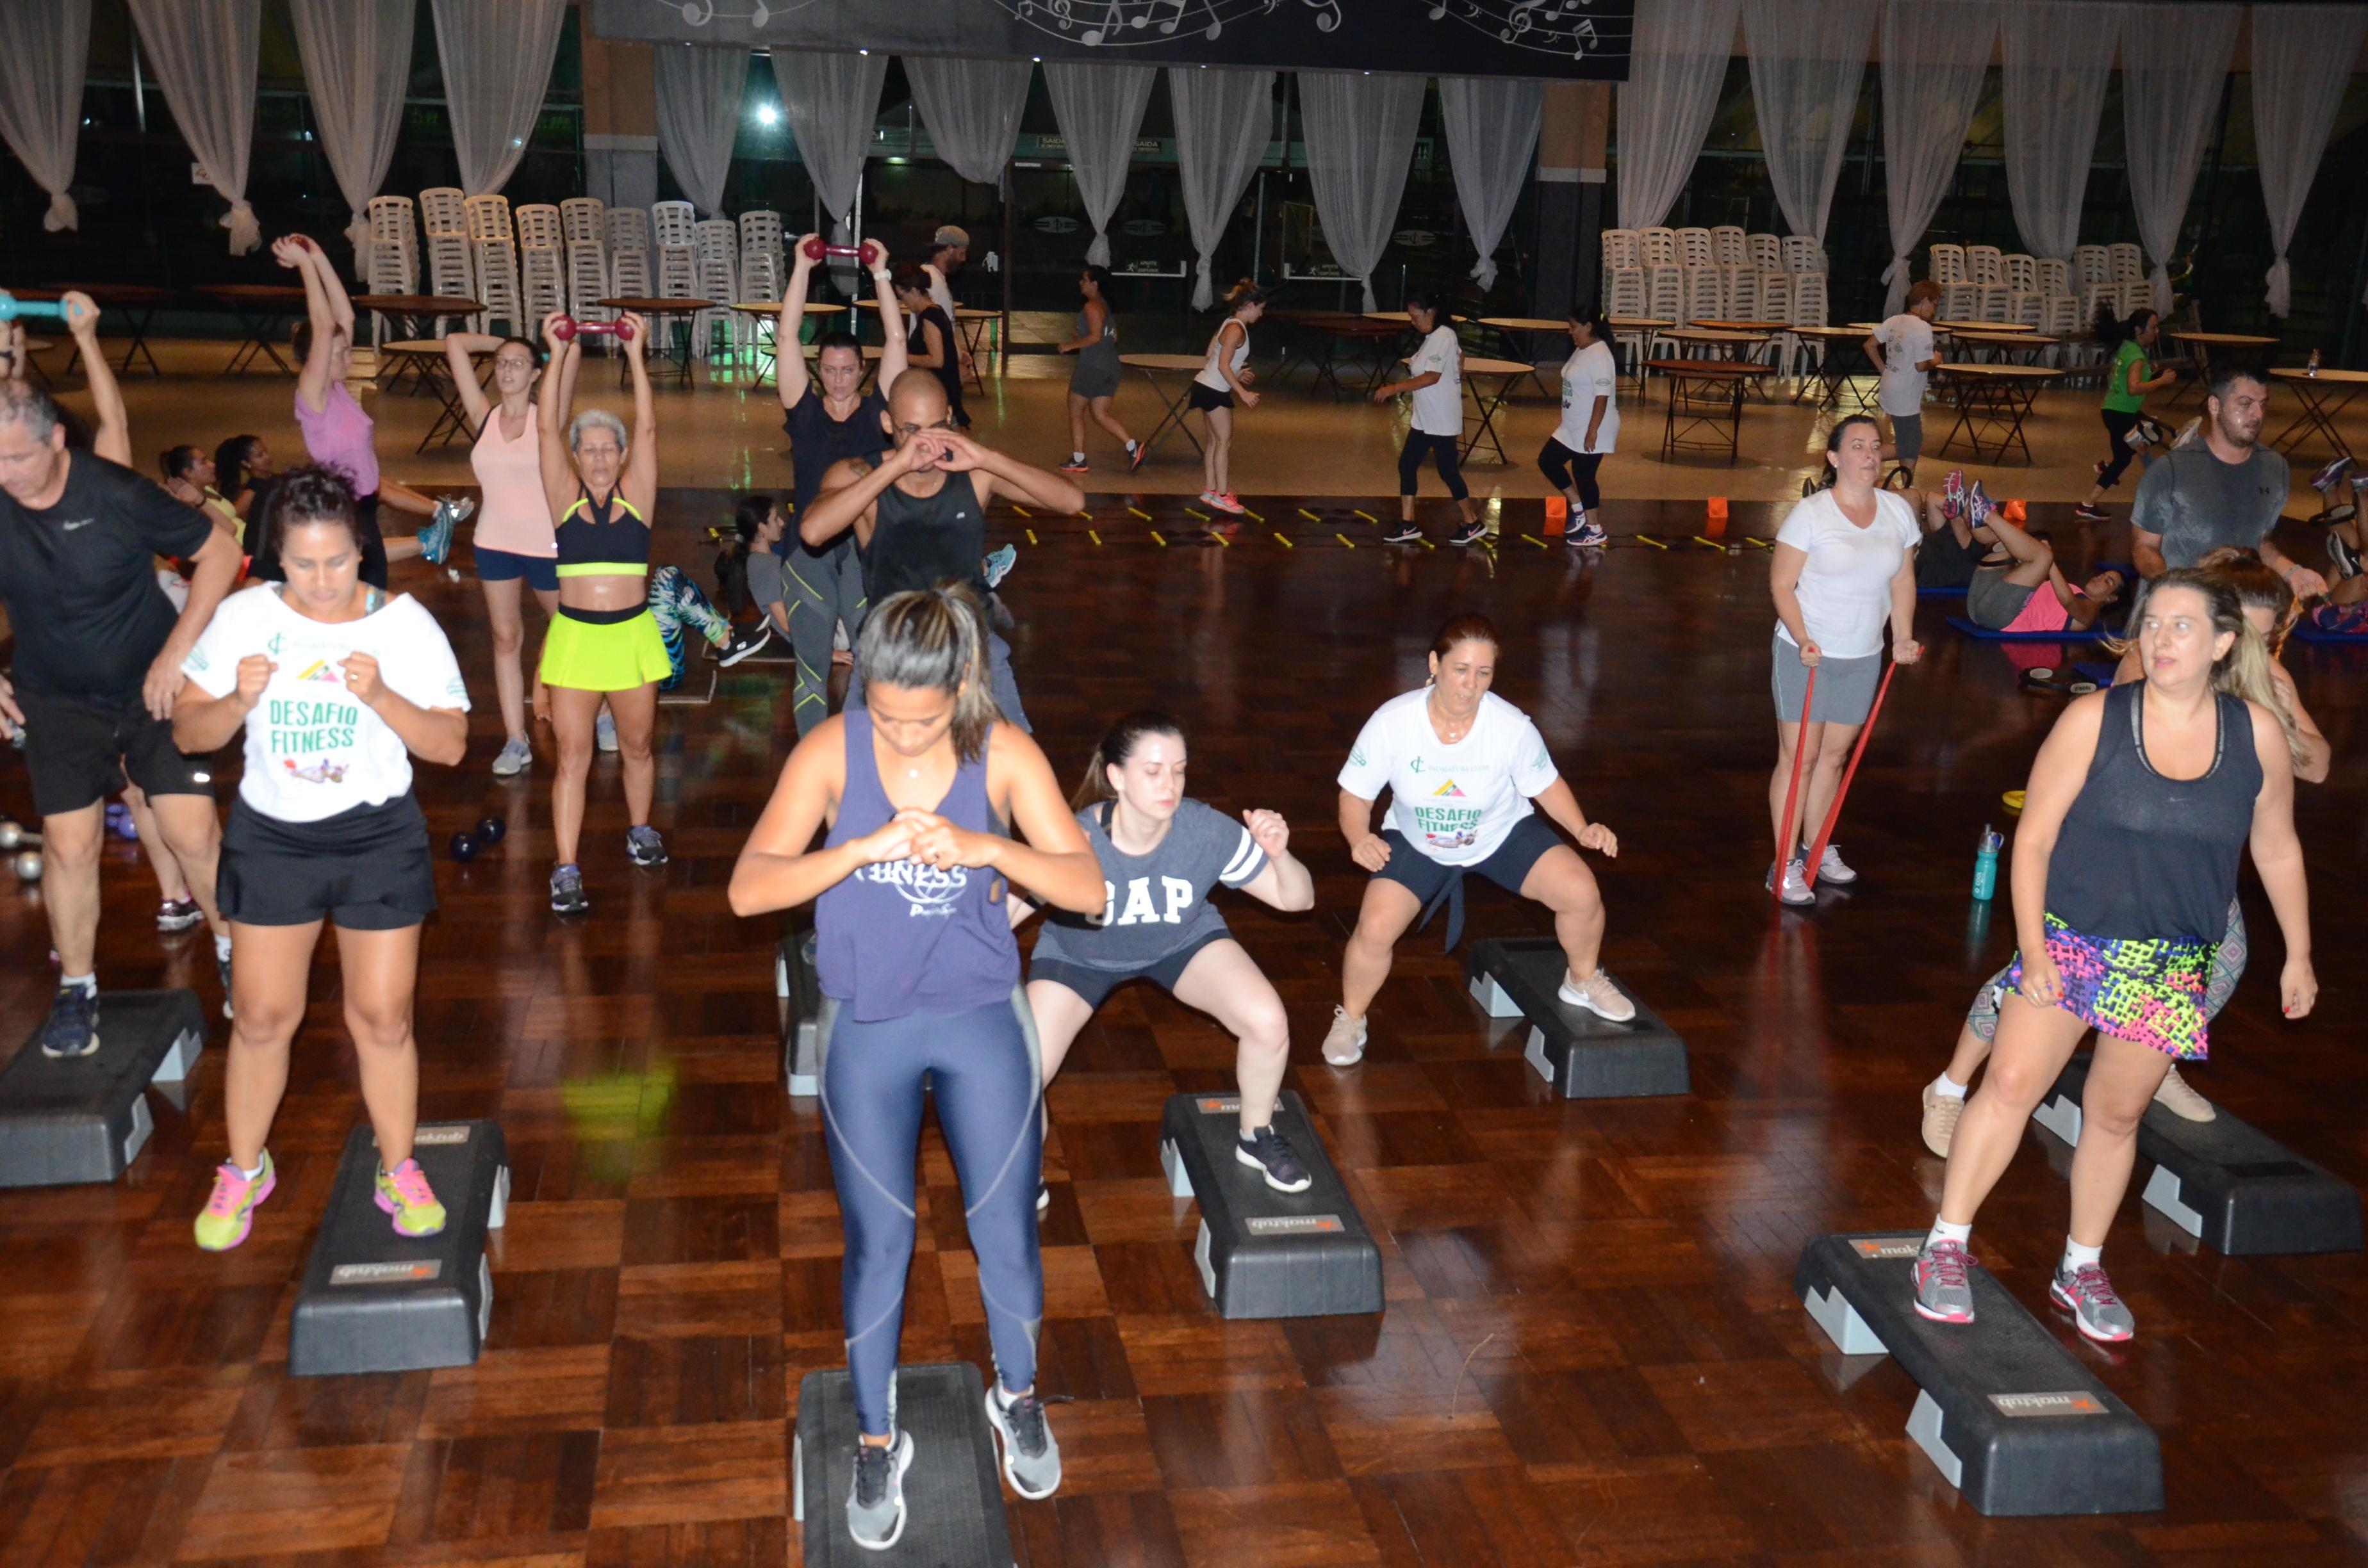 Os vencedores do Desafio Fitness serão divulgados no Indaiá em Ação